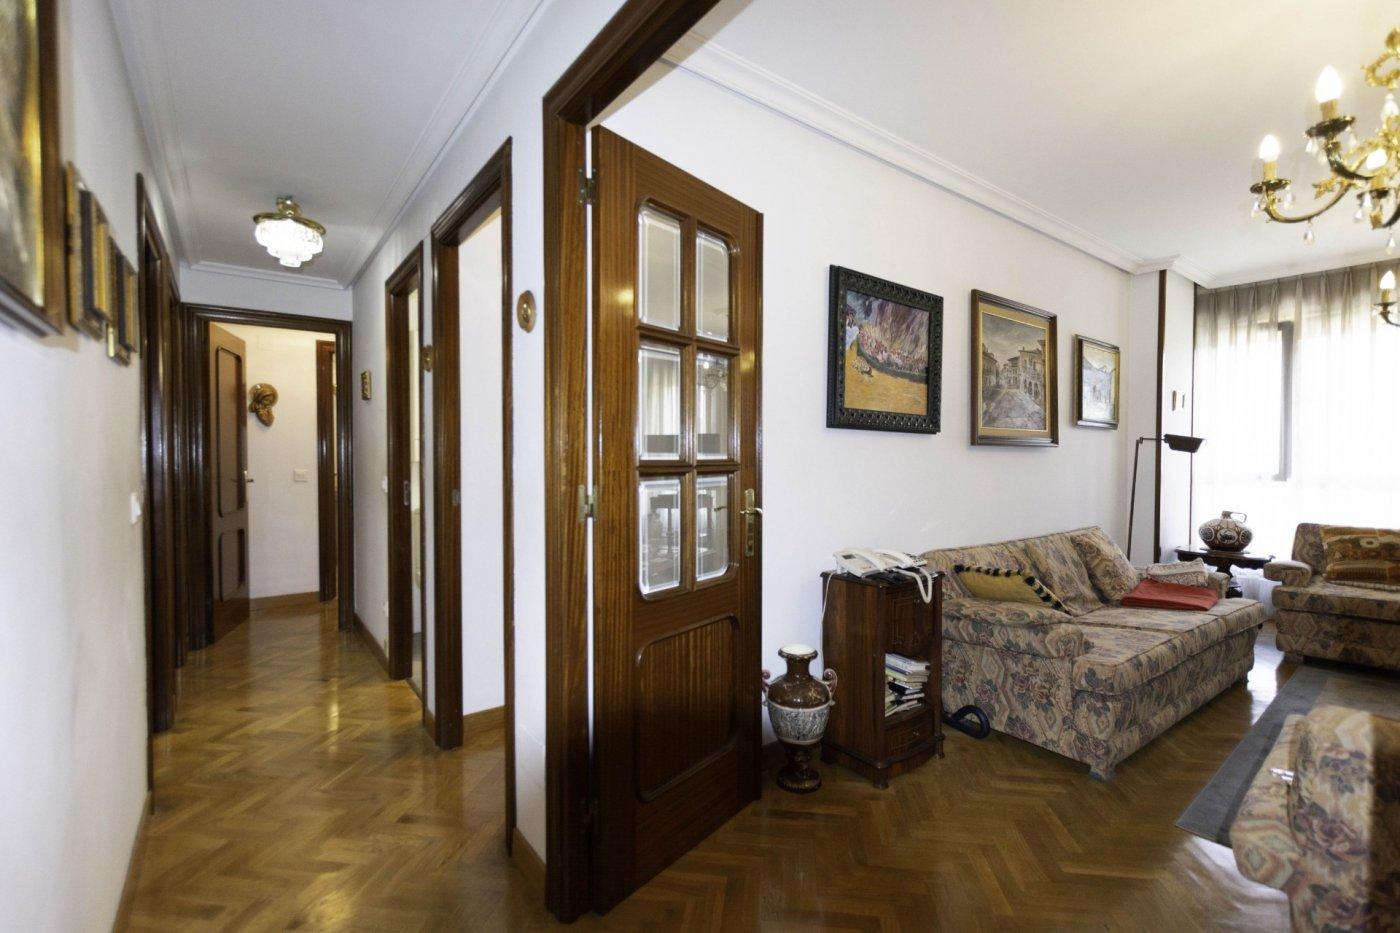 Tres habitaciones con garaje y trastero a dos minutos caminando de la calle uría. - imagenInmueble1